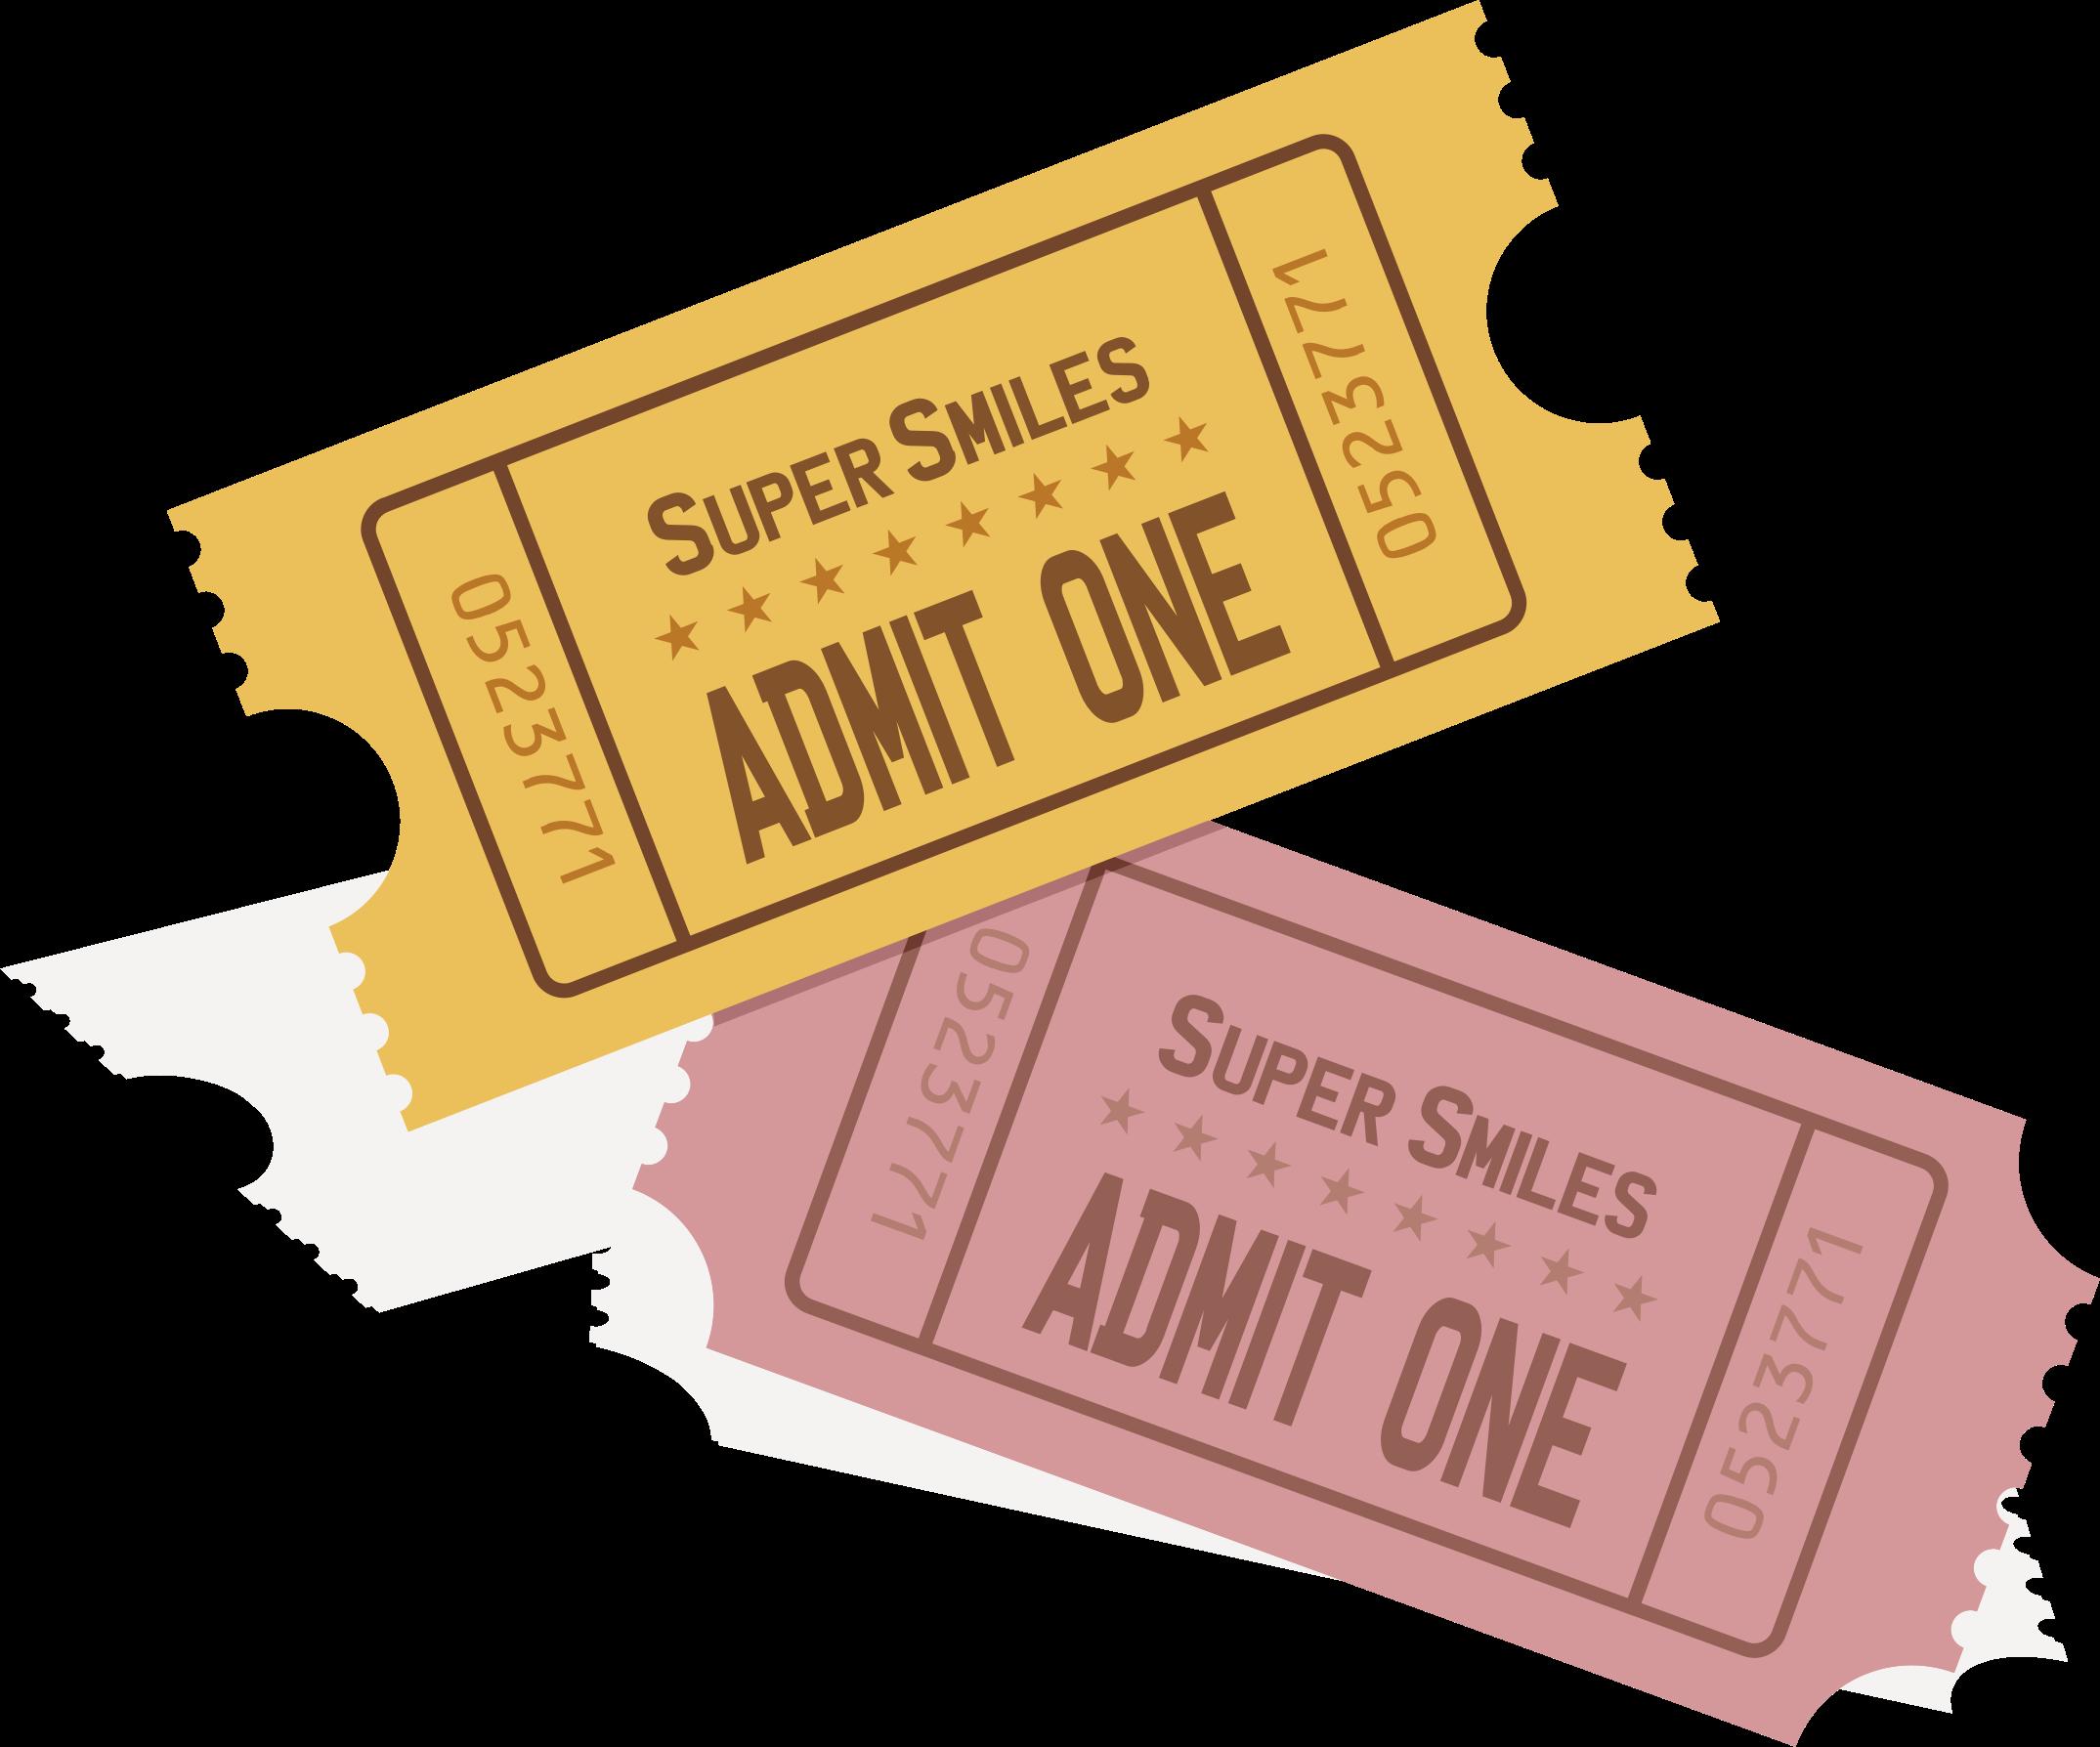 concert tickets source abuse report reid concert ticket png source ...